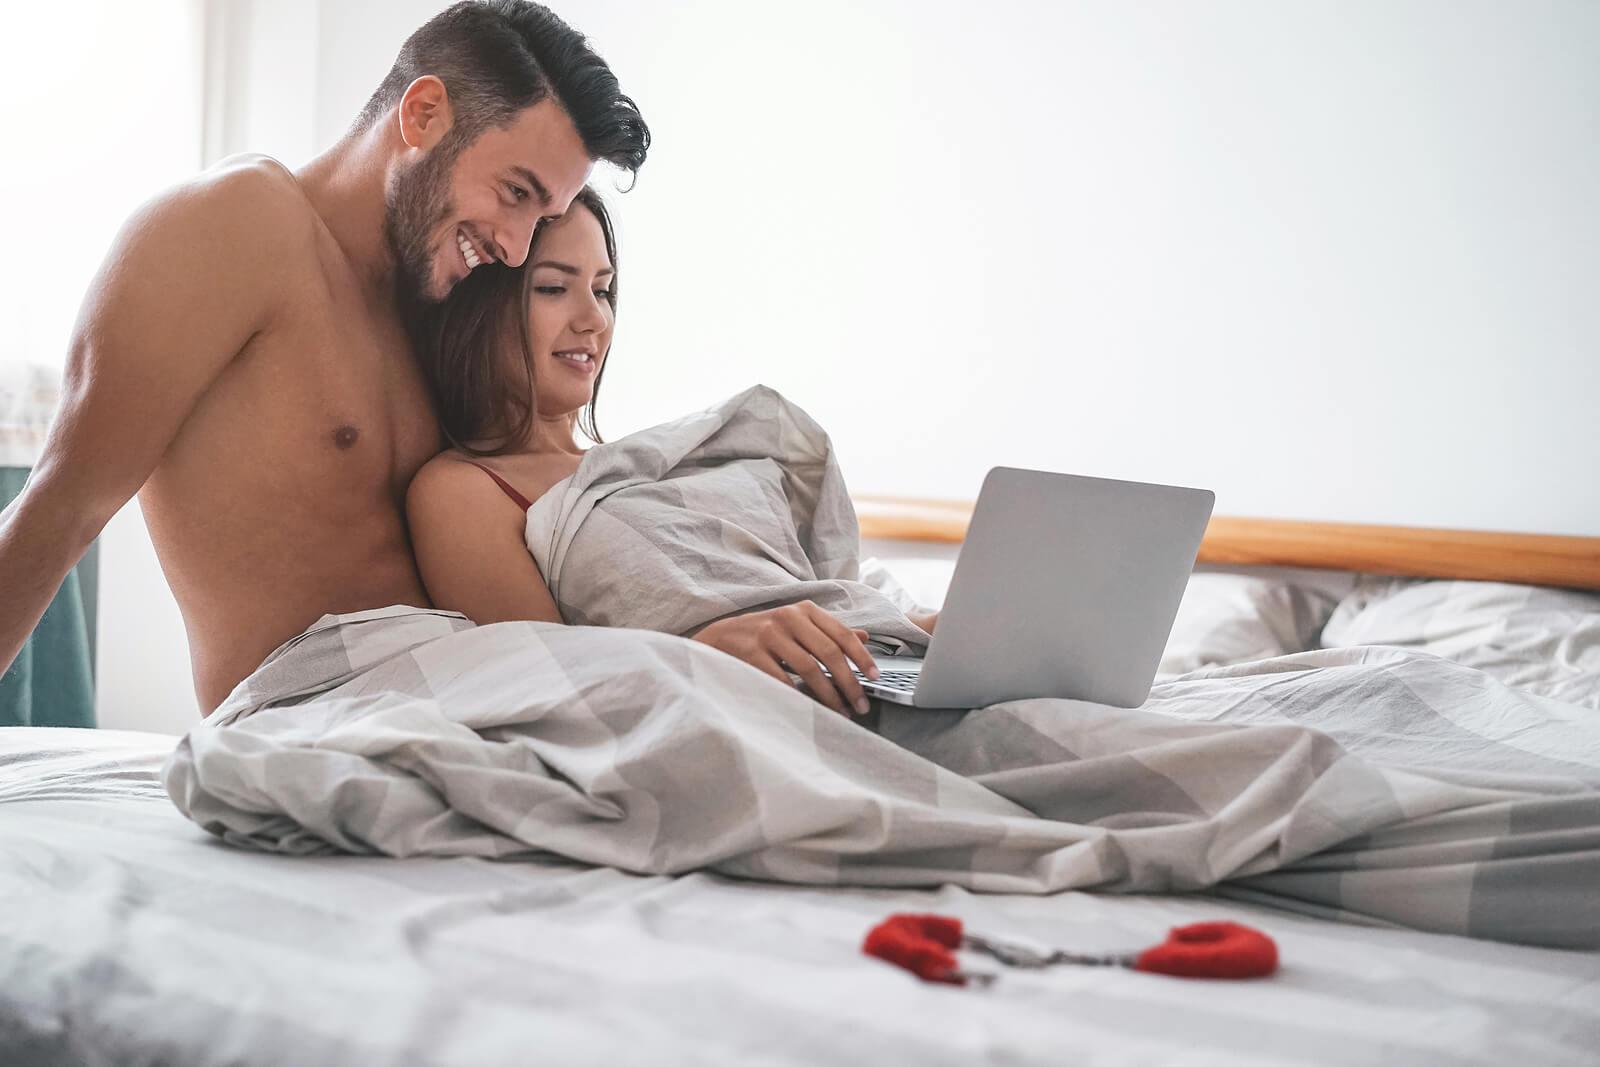 Pareja mirando el ordenador en la cama.